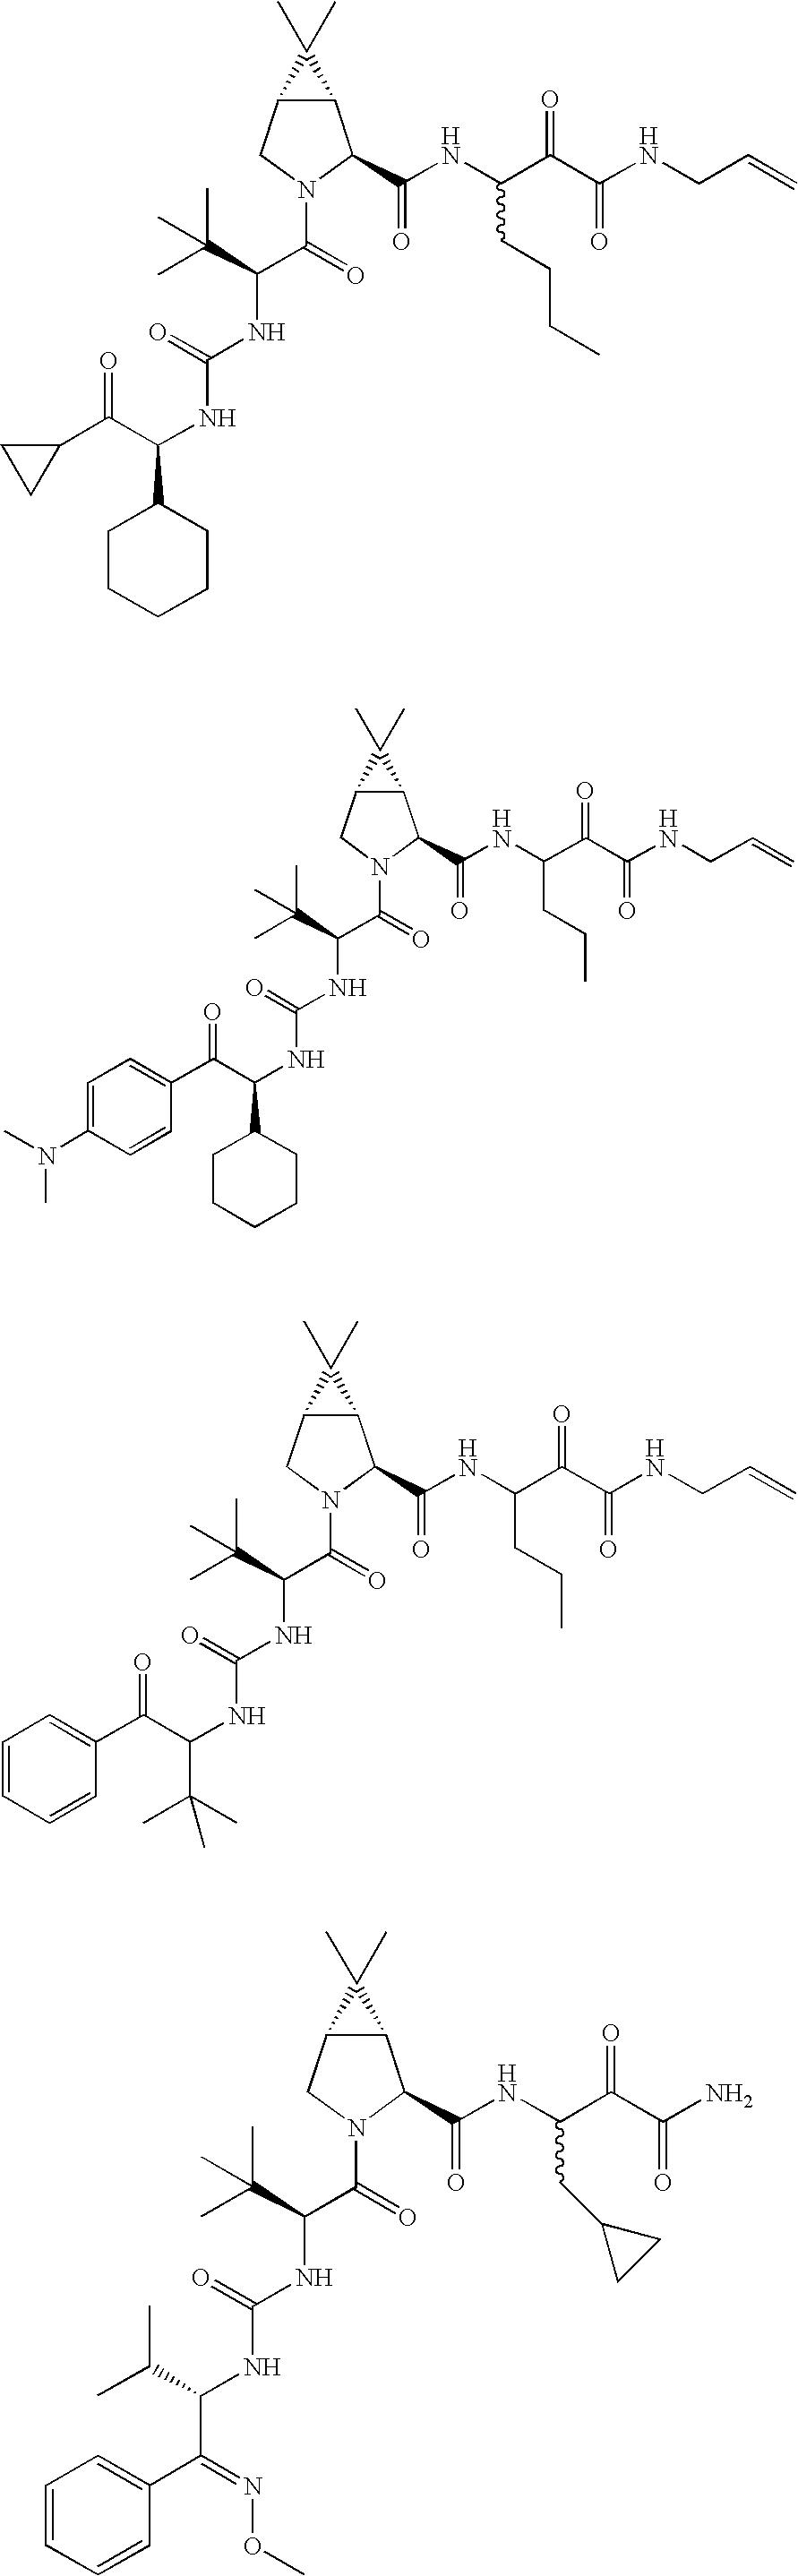 Figure US20060287248A1-20061221-C00240